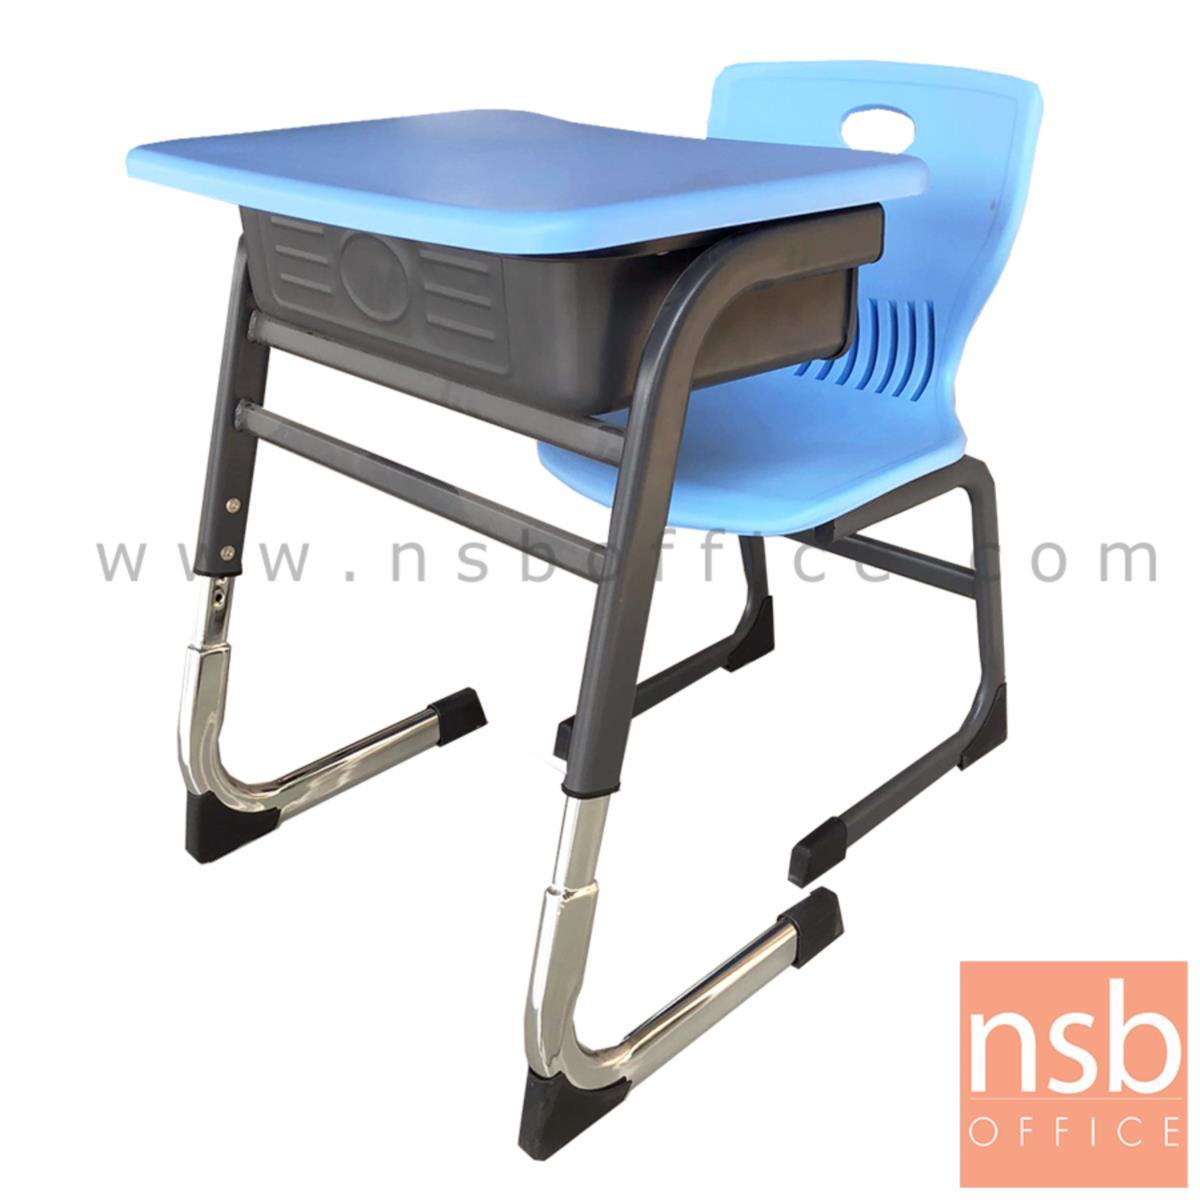 A17A091:ชุดโต๊ะและเก้าอี้นักเรียน รุ่น Brooklyn (บรูค-ลิน) ขาเหล็ก ปรับระดับได้